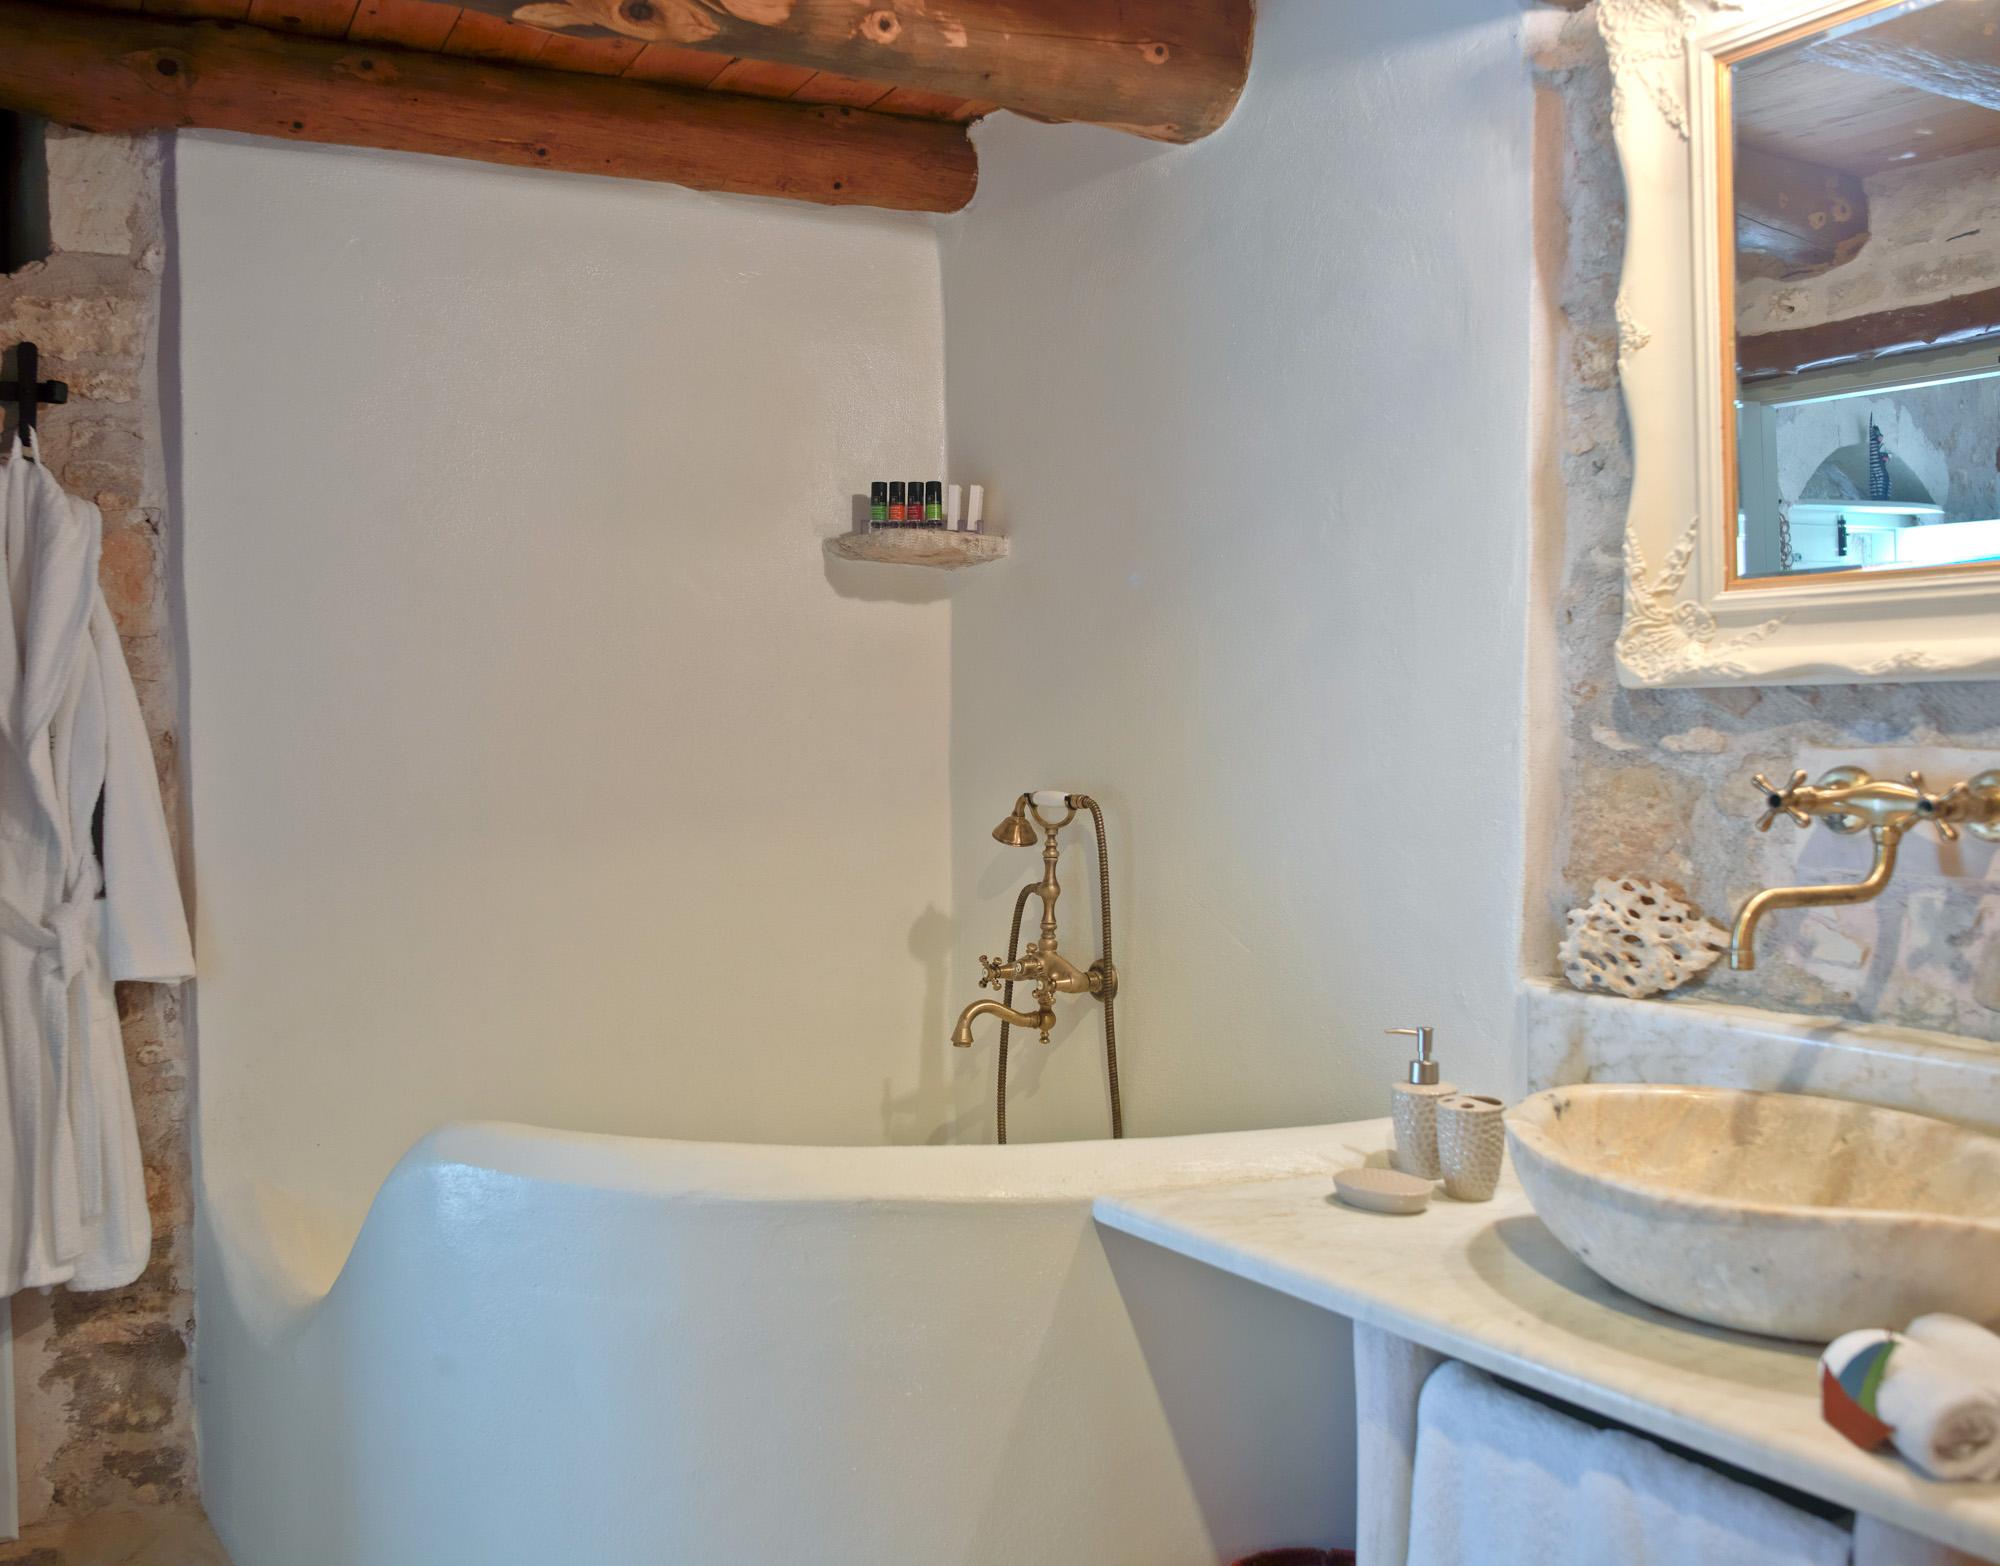 Critamo_Bathroom_ergo_2305-2.jpg